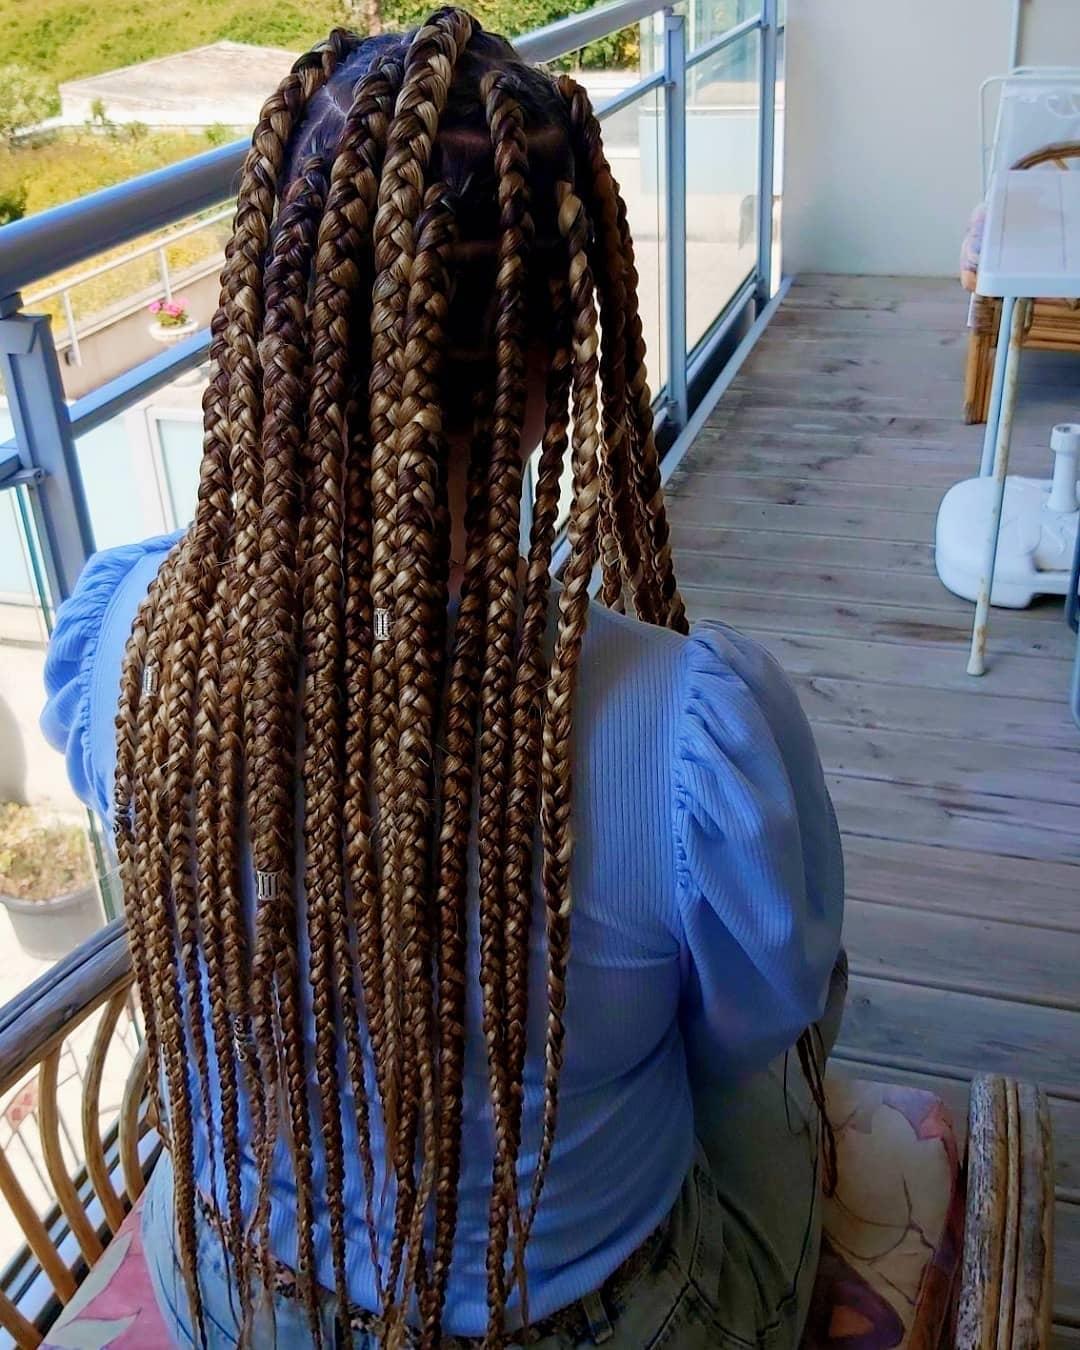 salon de coiffure afro tresse tresses box braids crochet braids vanilles tissages paris 75 77 78 91 92 93 94 95 BBCHJRGX